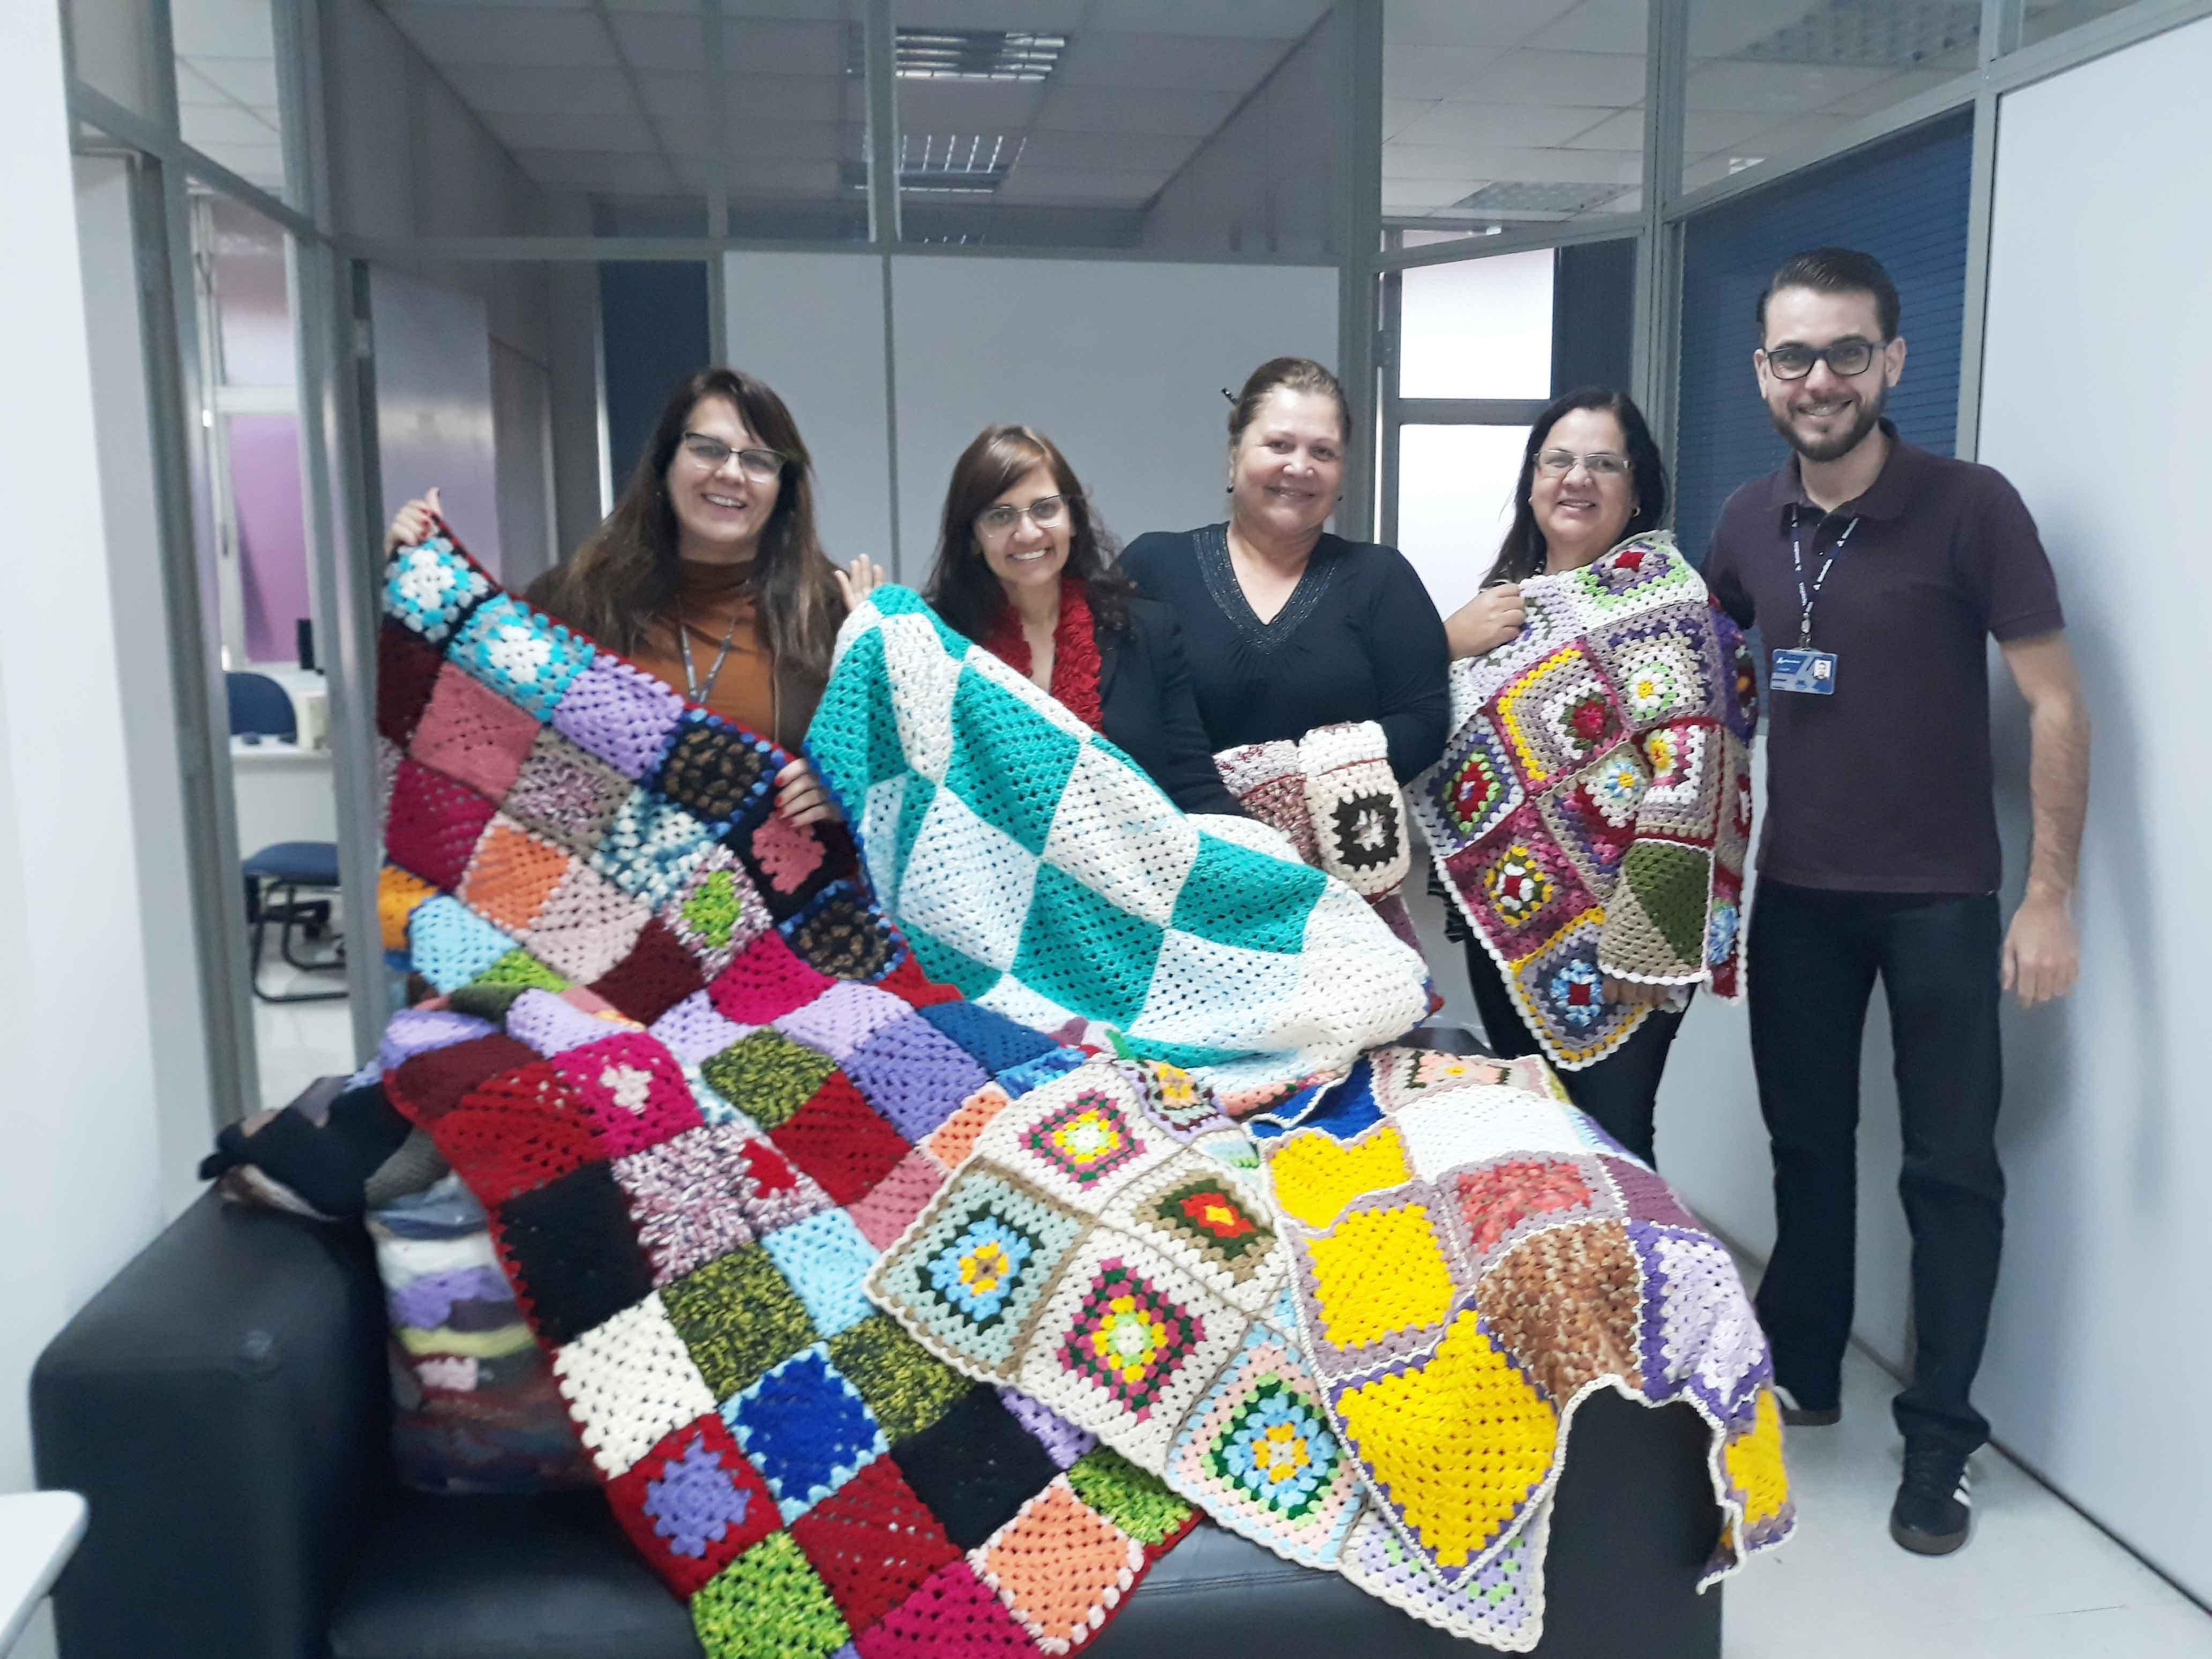 Pastoral Universitária entrega mantas para a Casa de Mãe, beneficiando mulheres e crianças vulneráveis